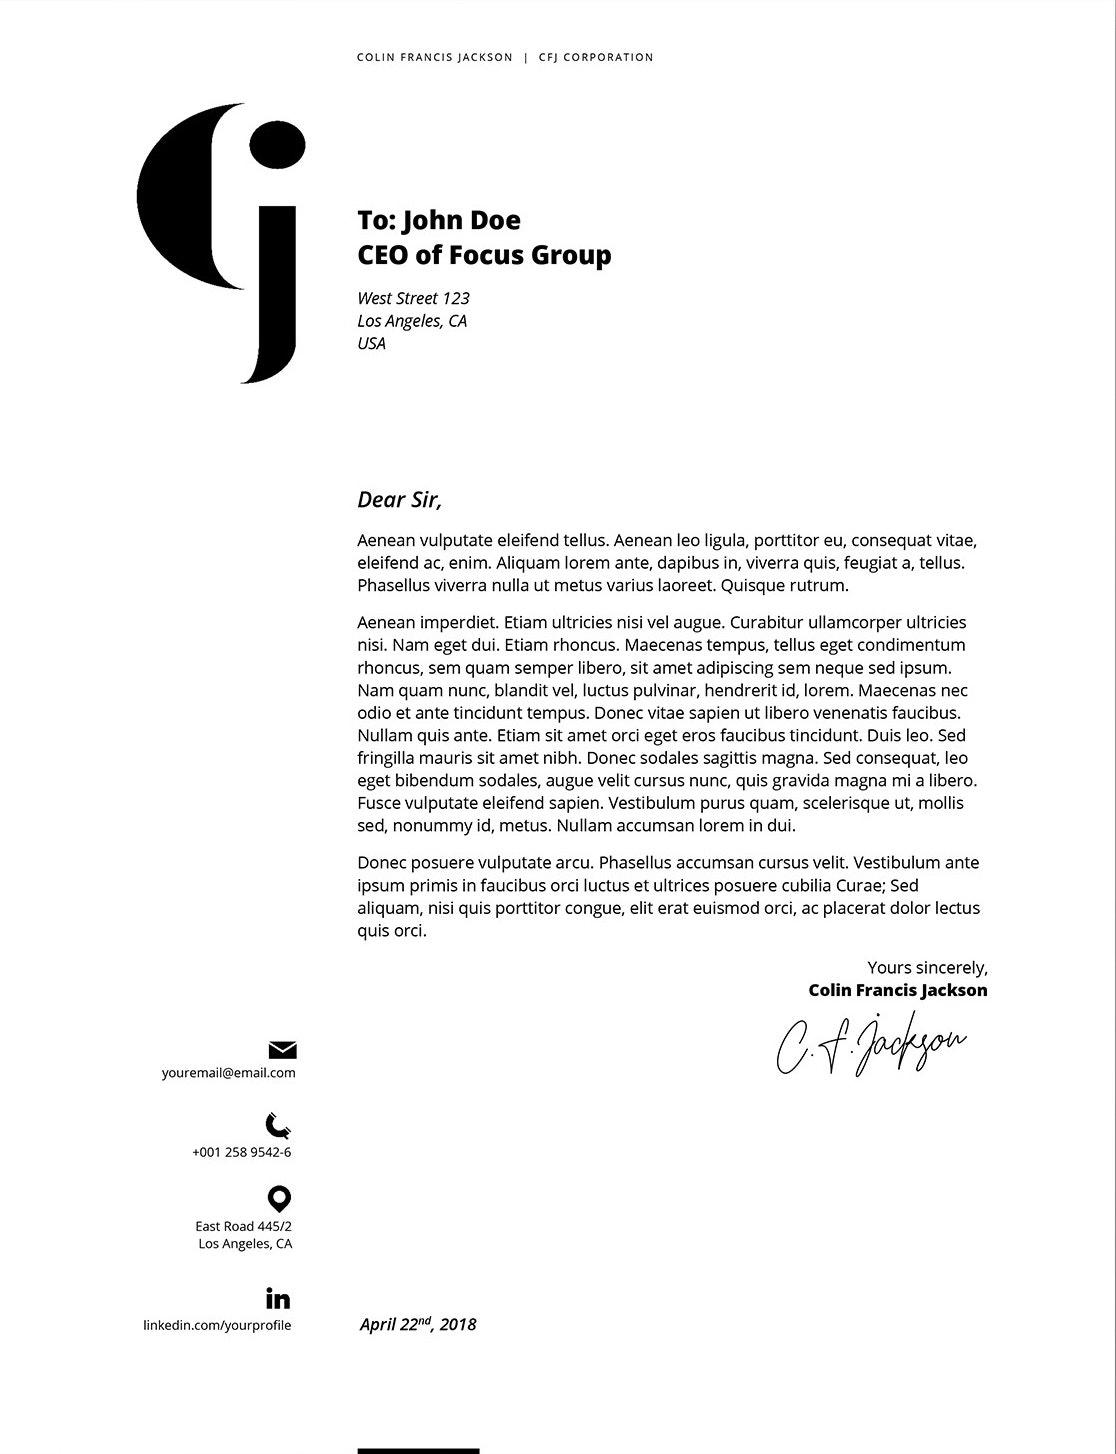 Minimal letterhead design